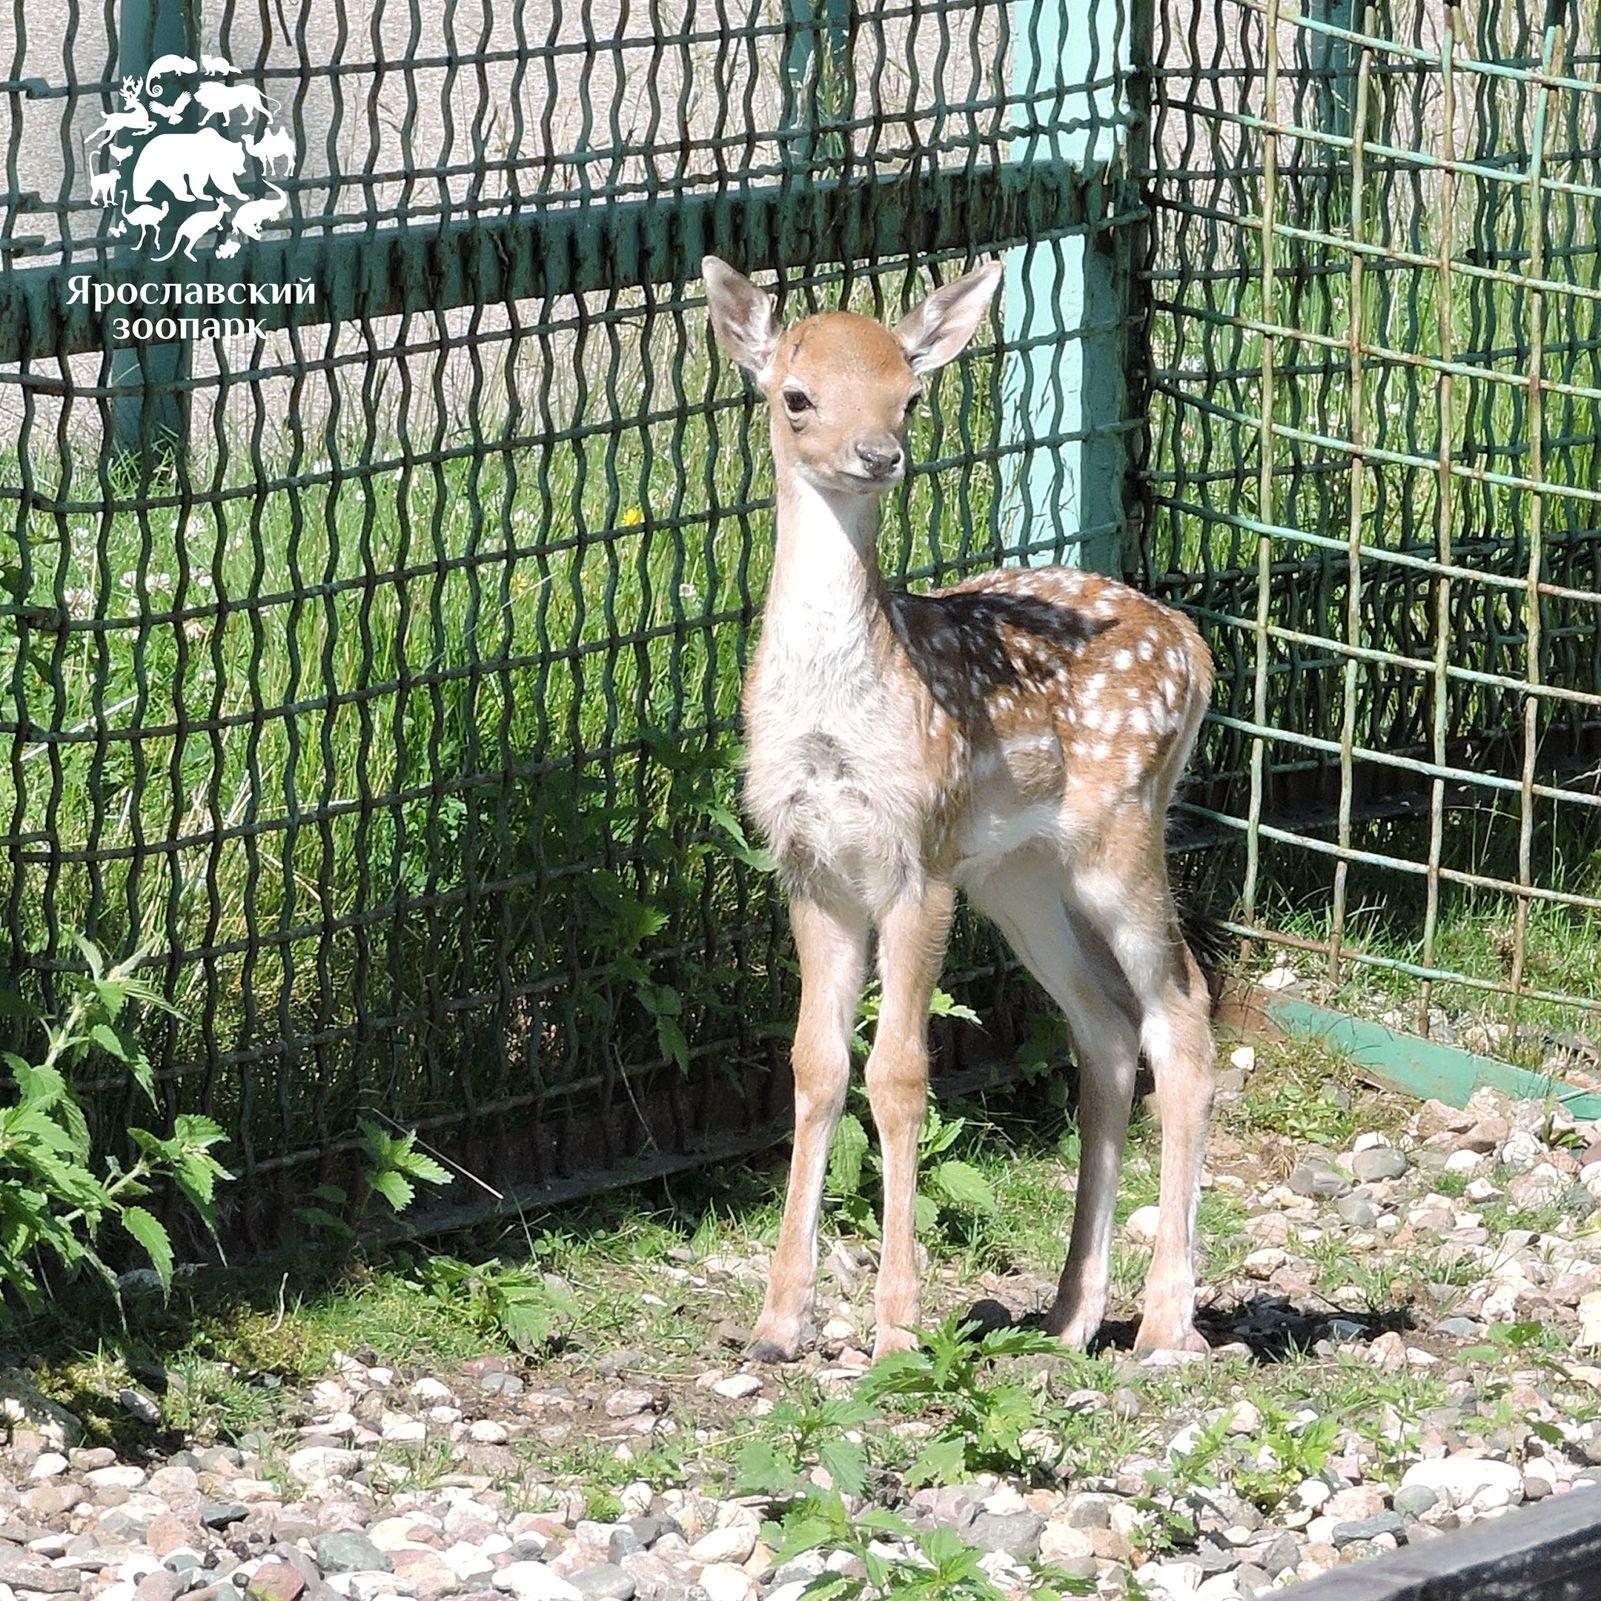 Бэби-бум в Ярославском зоопарке: на свет появились дагестанский тур, винторогие козлики, лань и ослик